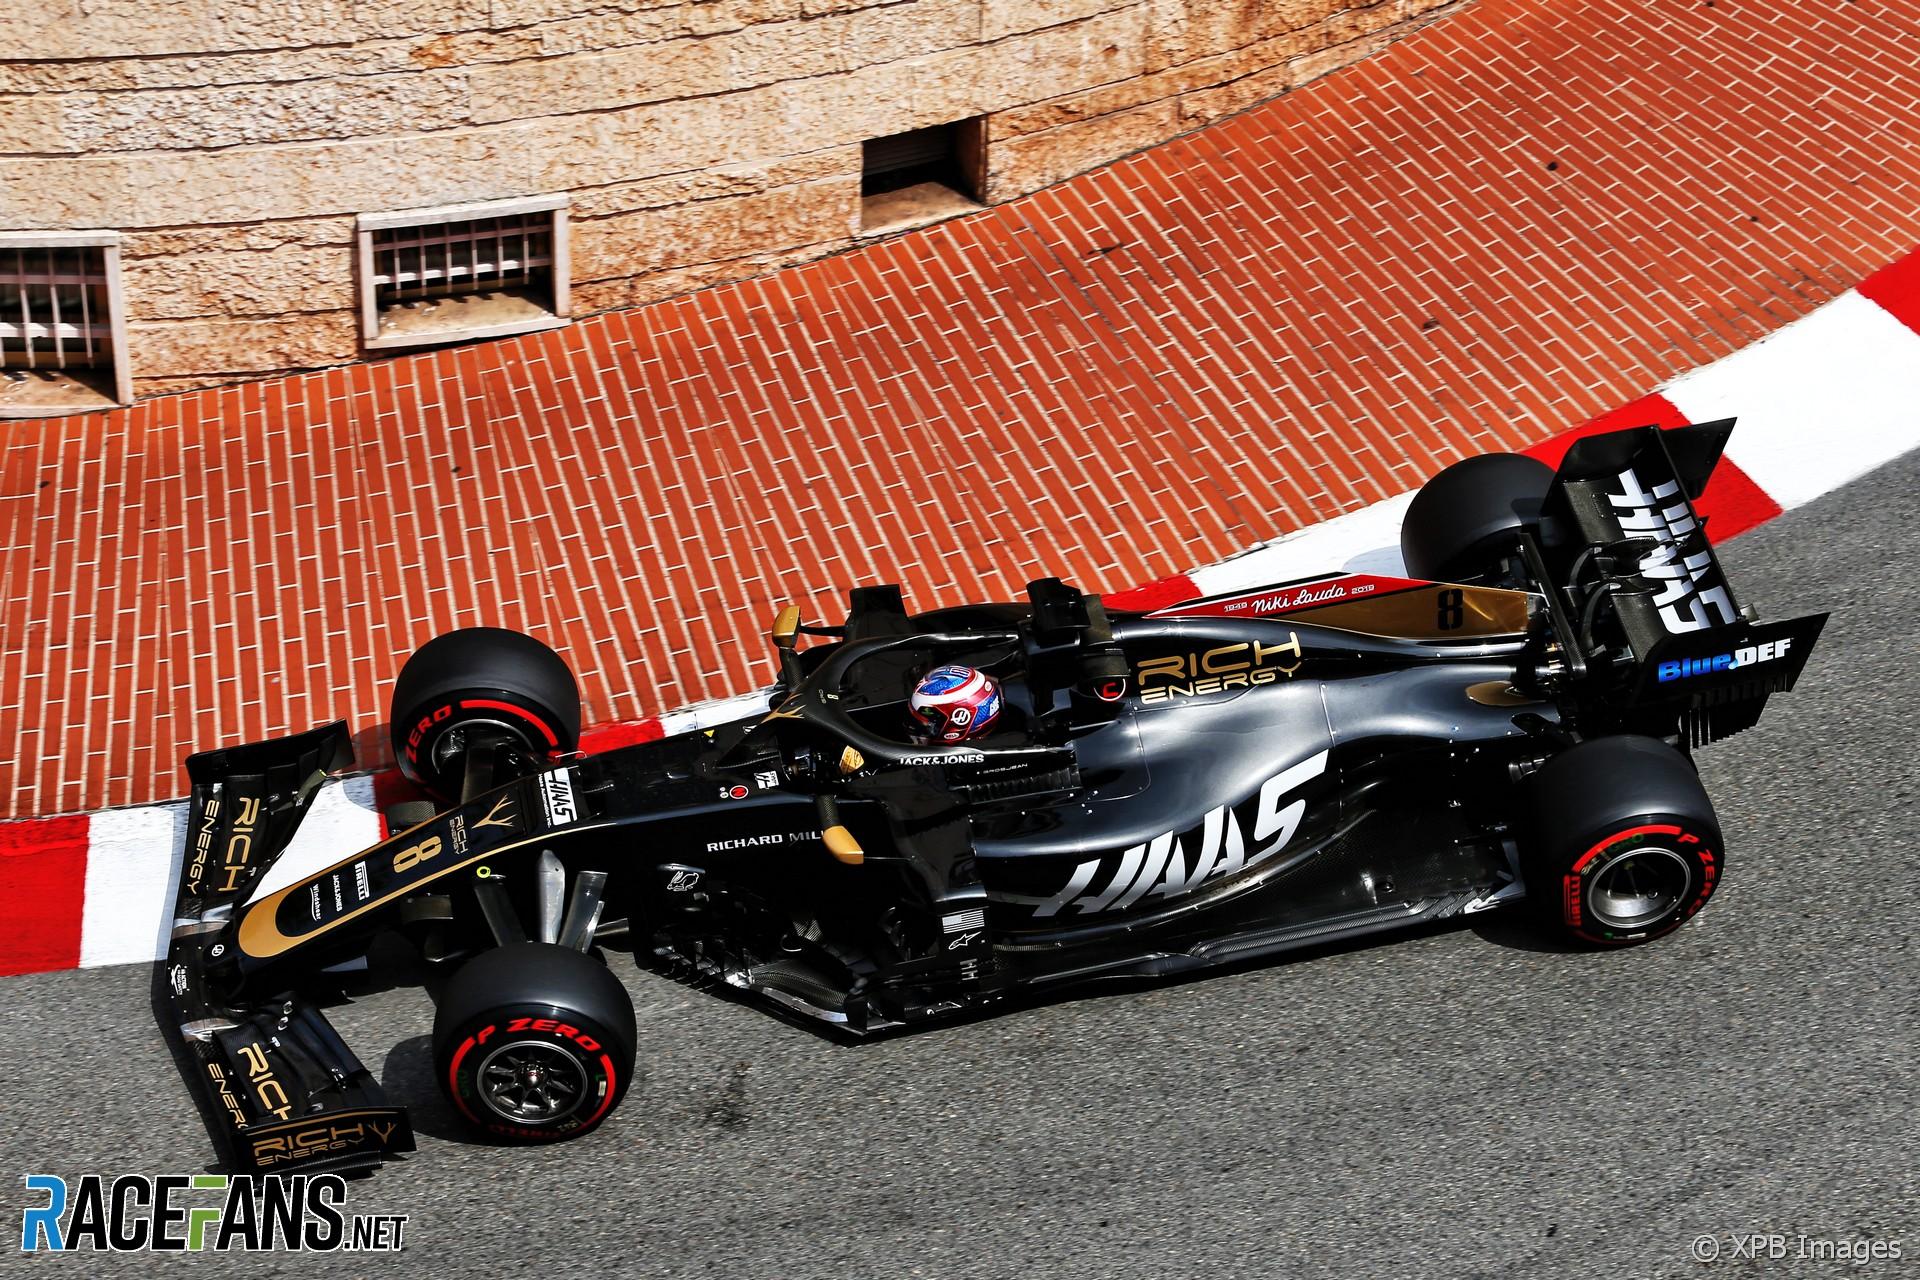 Romain Grosjean, Haas, Monaco, 2019 · RaceFans